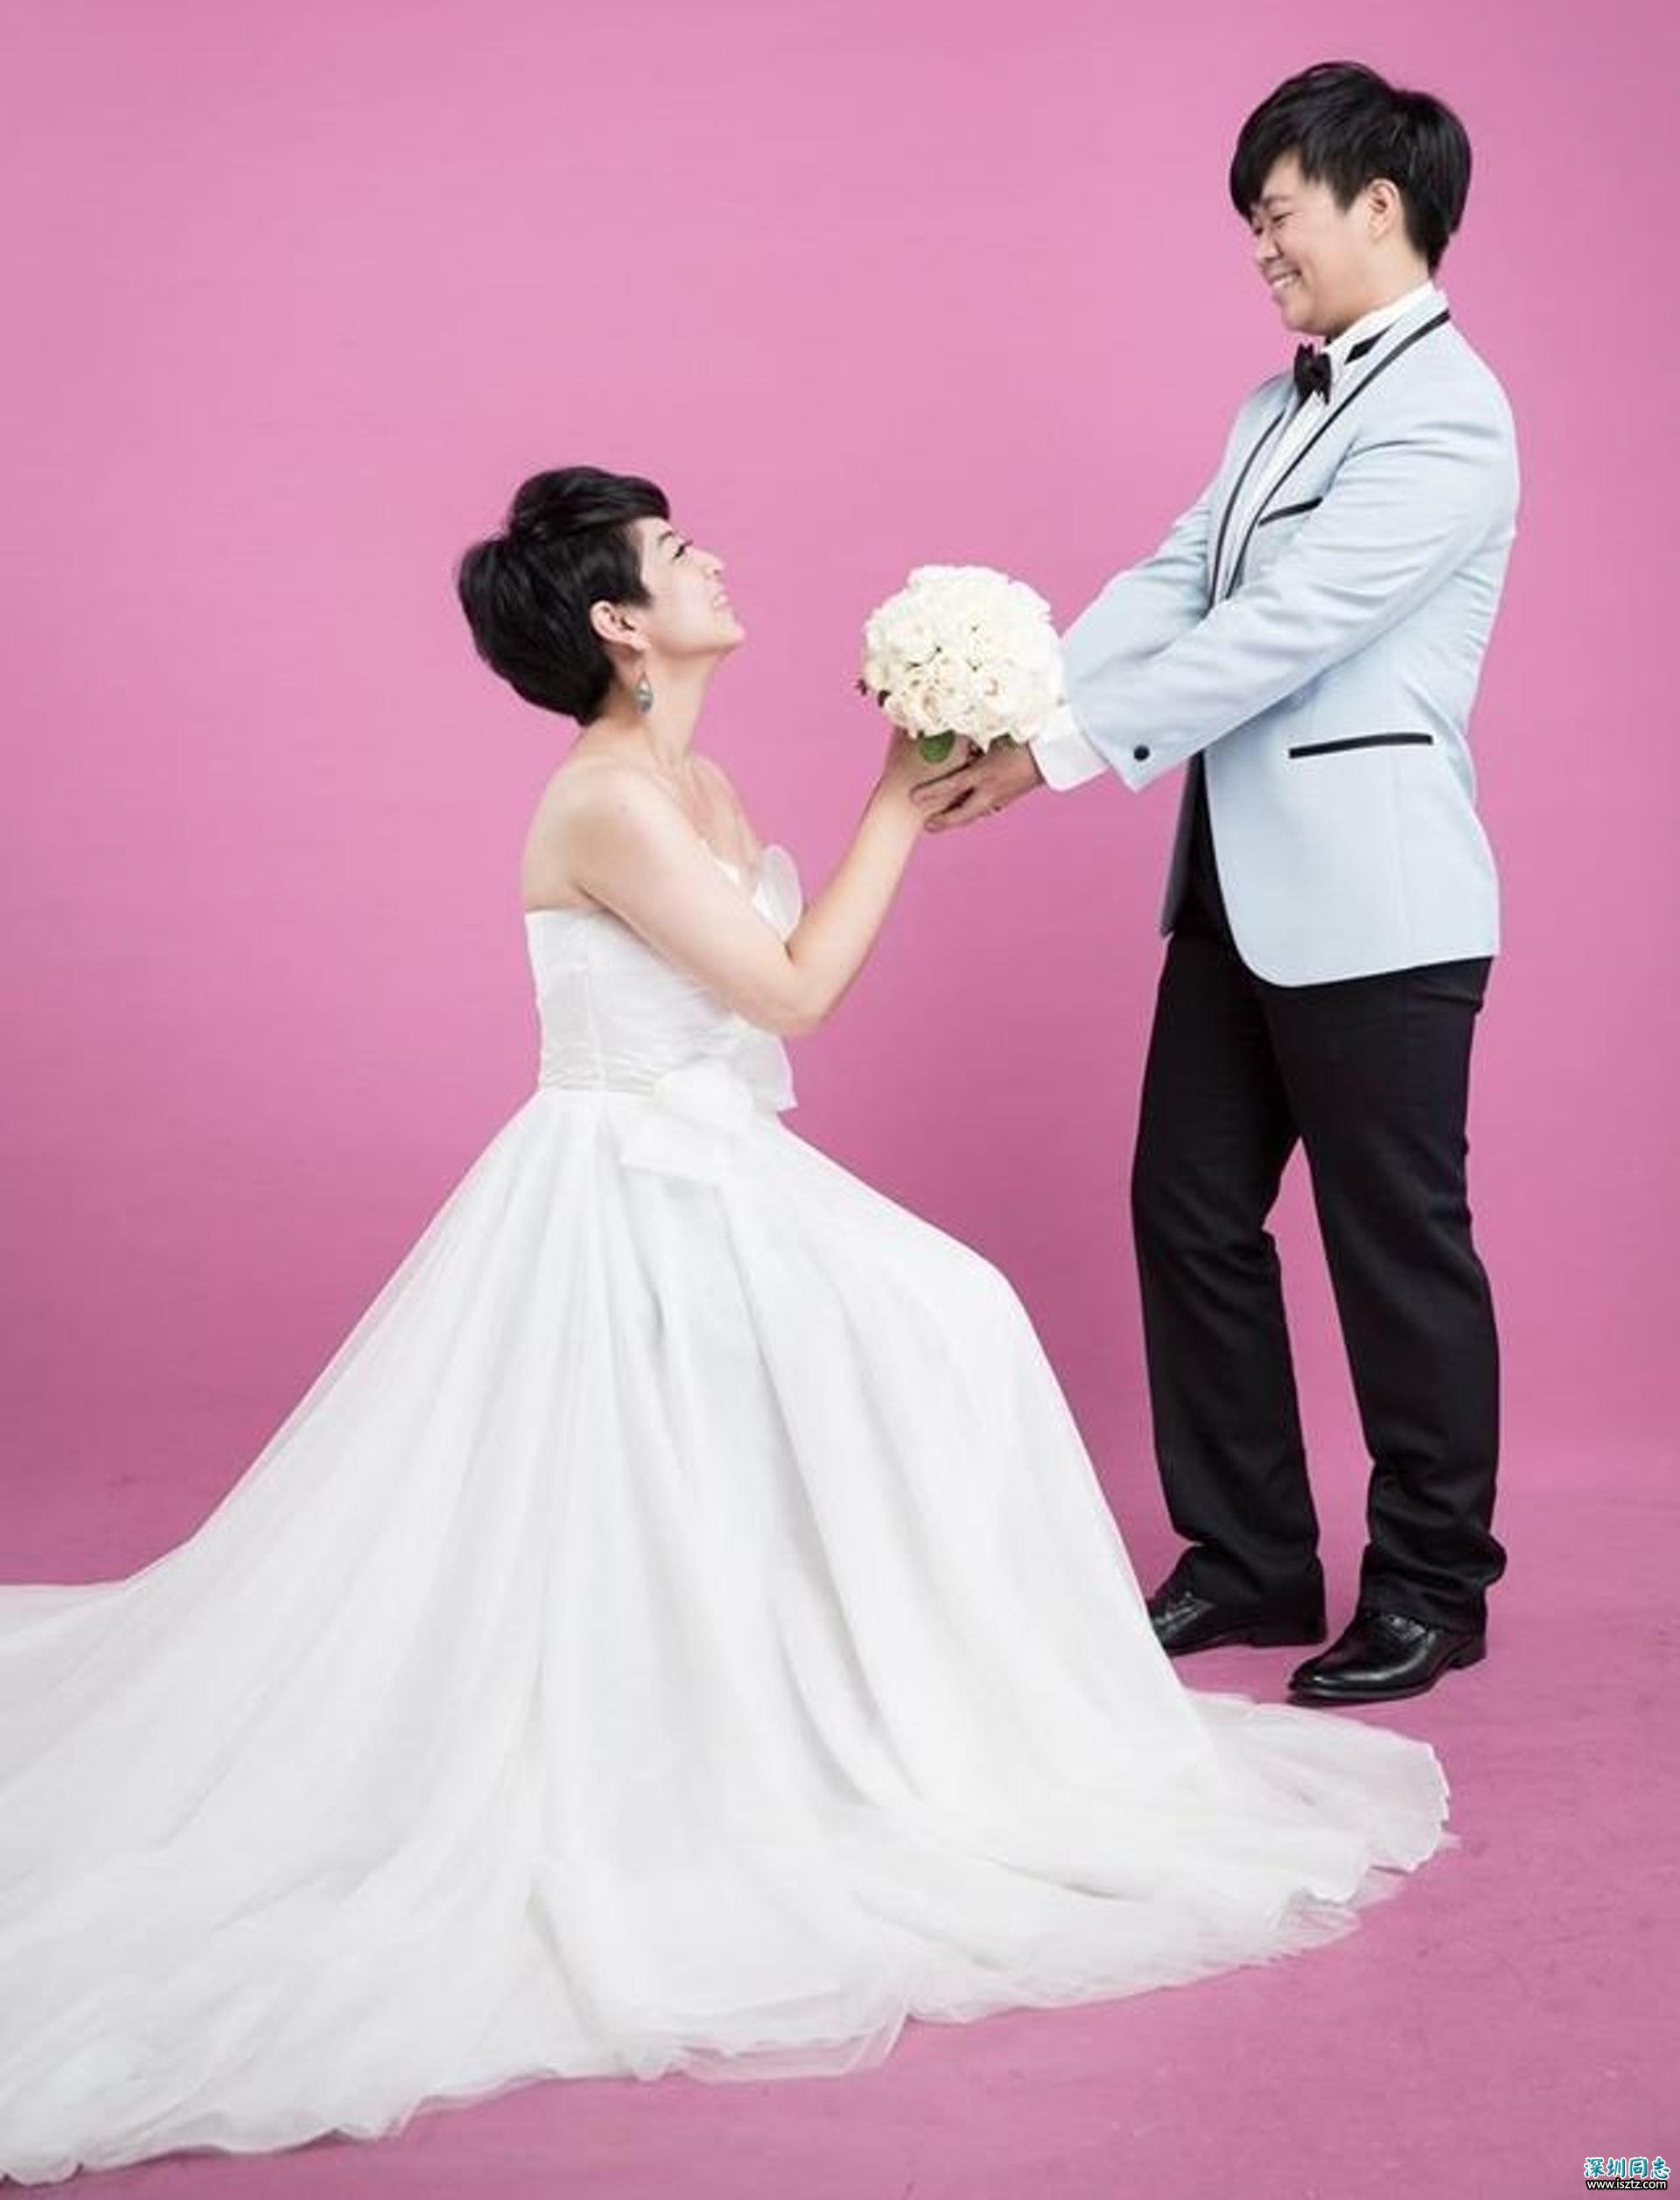 二人的婚姻雖然還不被法律承認,但在街上大排筵席,是另一種方式告訴大家,同志亦想有婚姻生活。(呂欣潔面書)